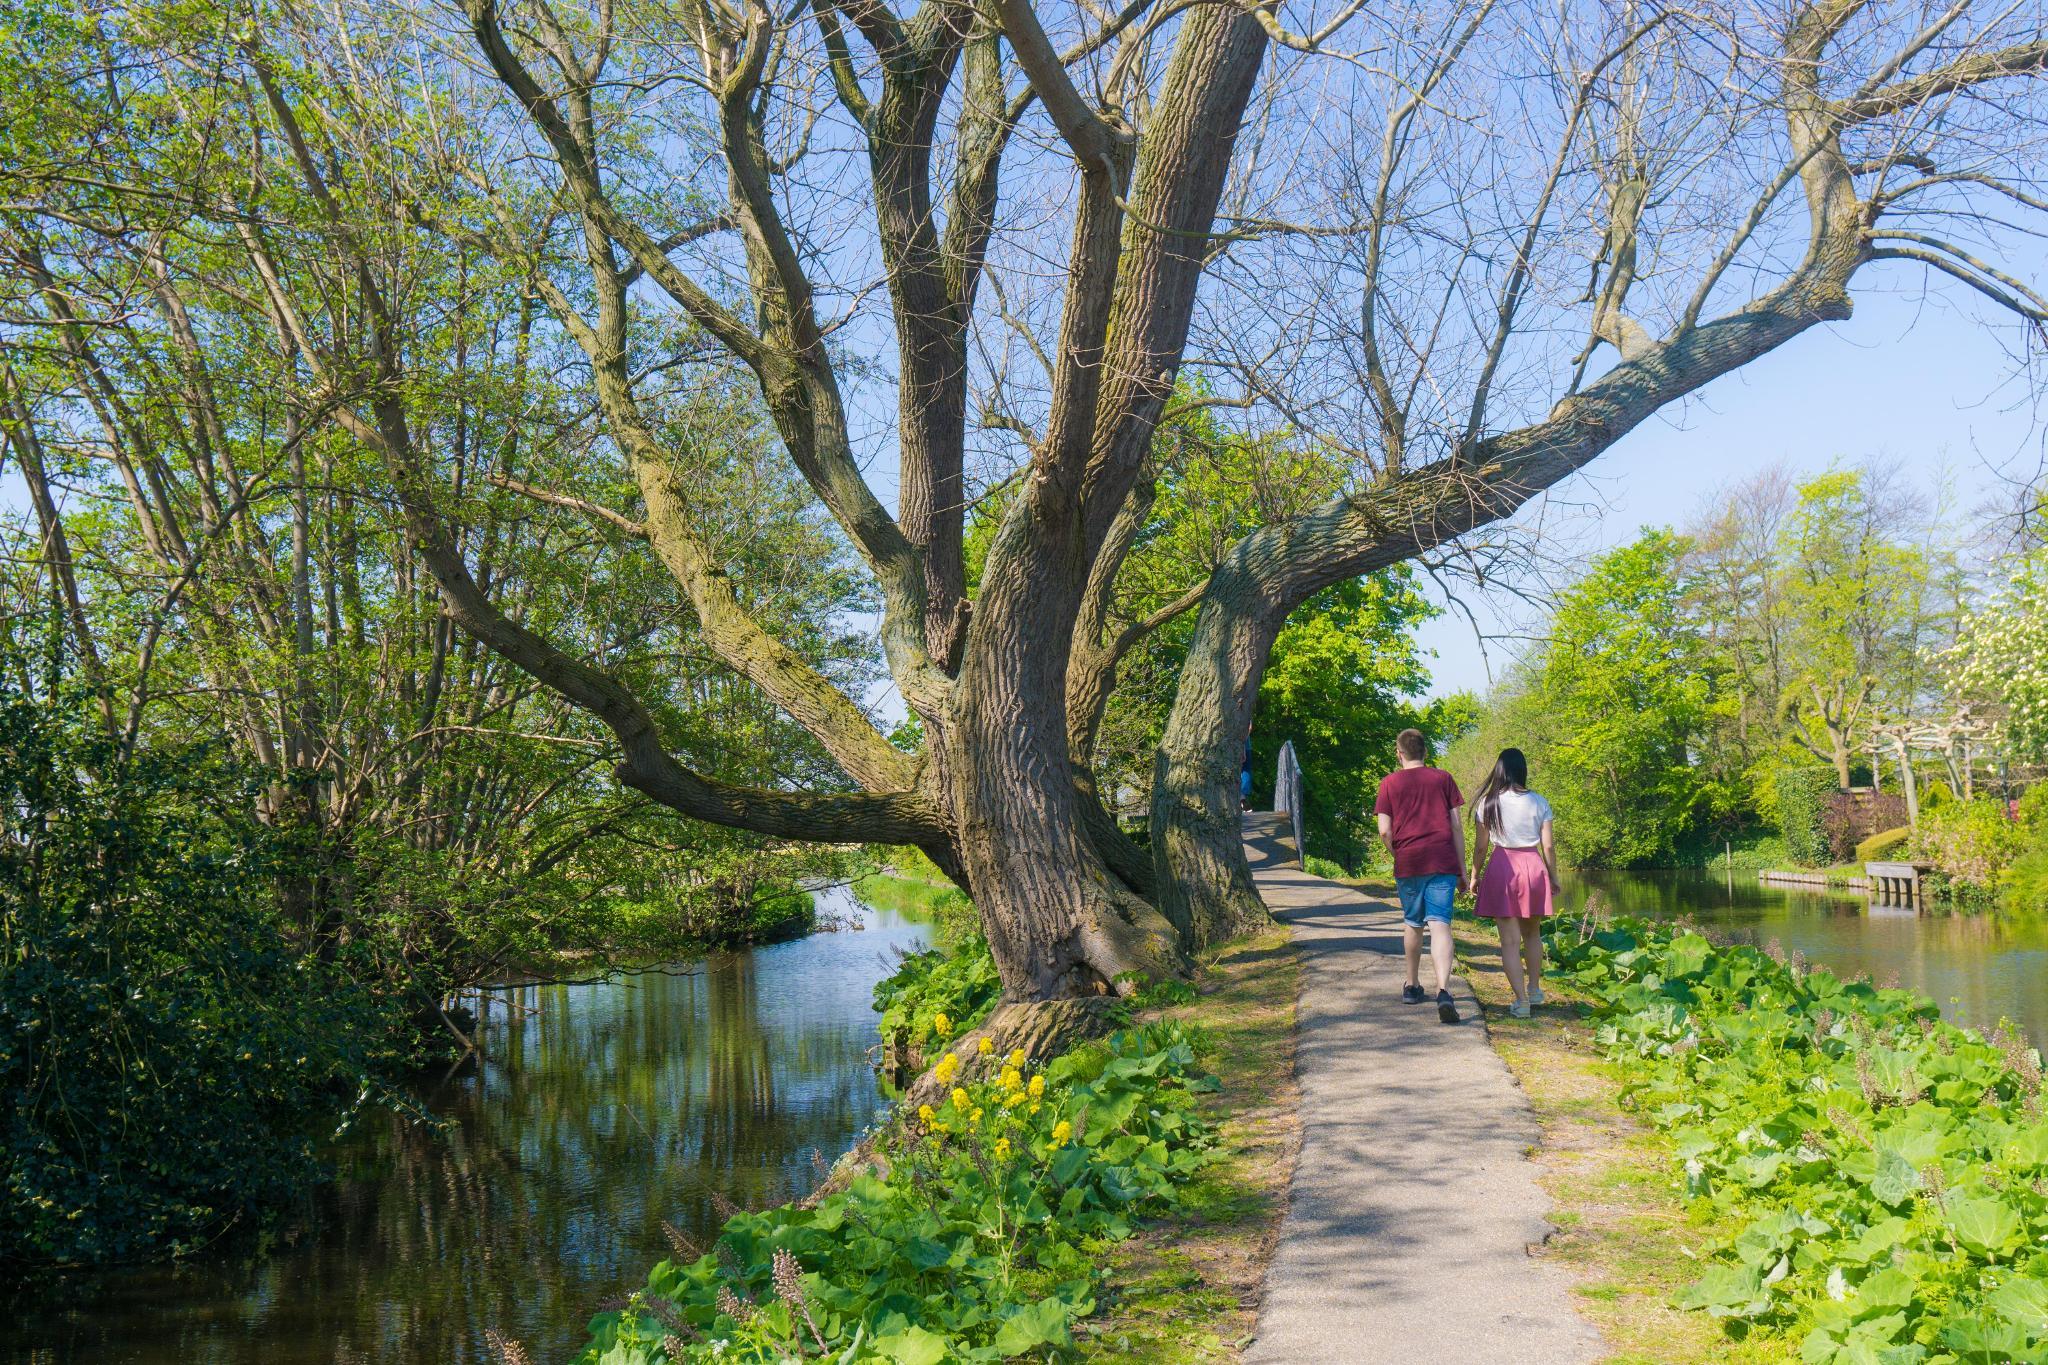 【荷蘭印象】花田嬉事:荷蘭單車花之路 16